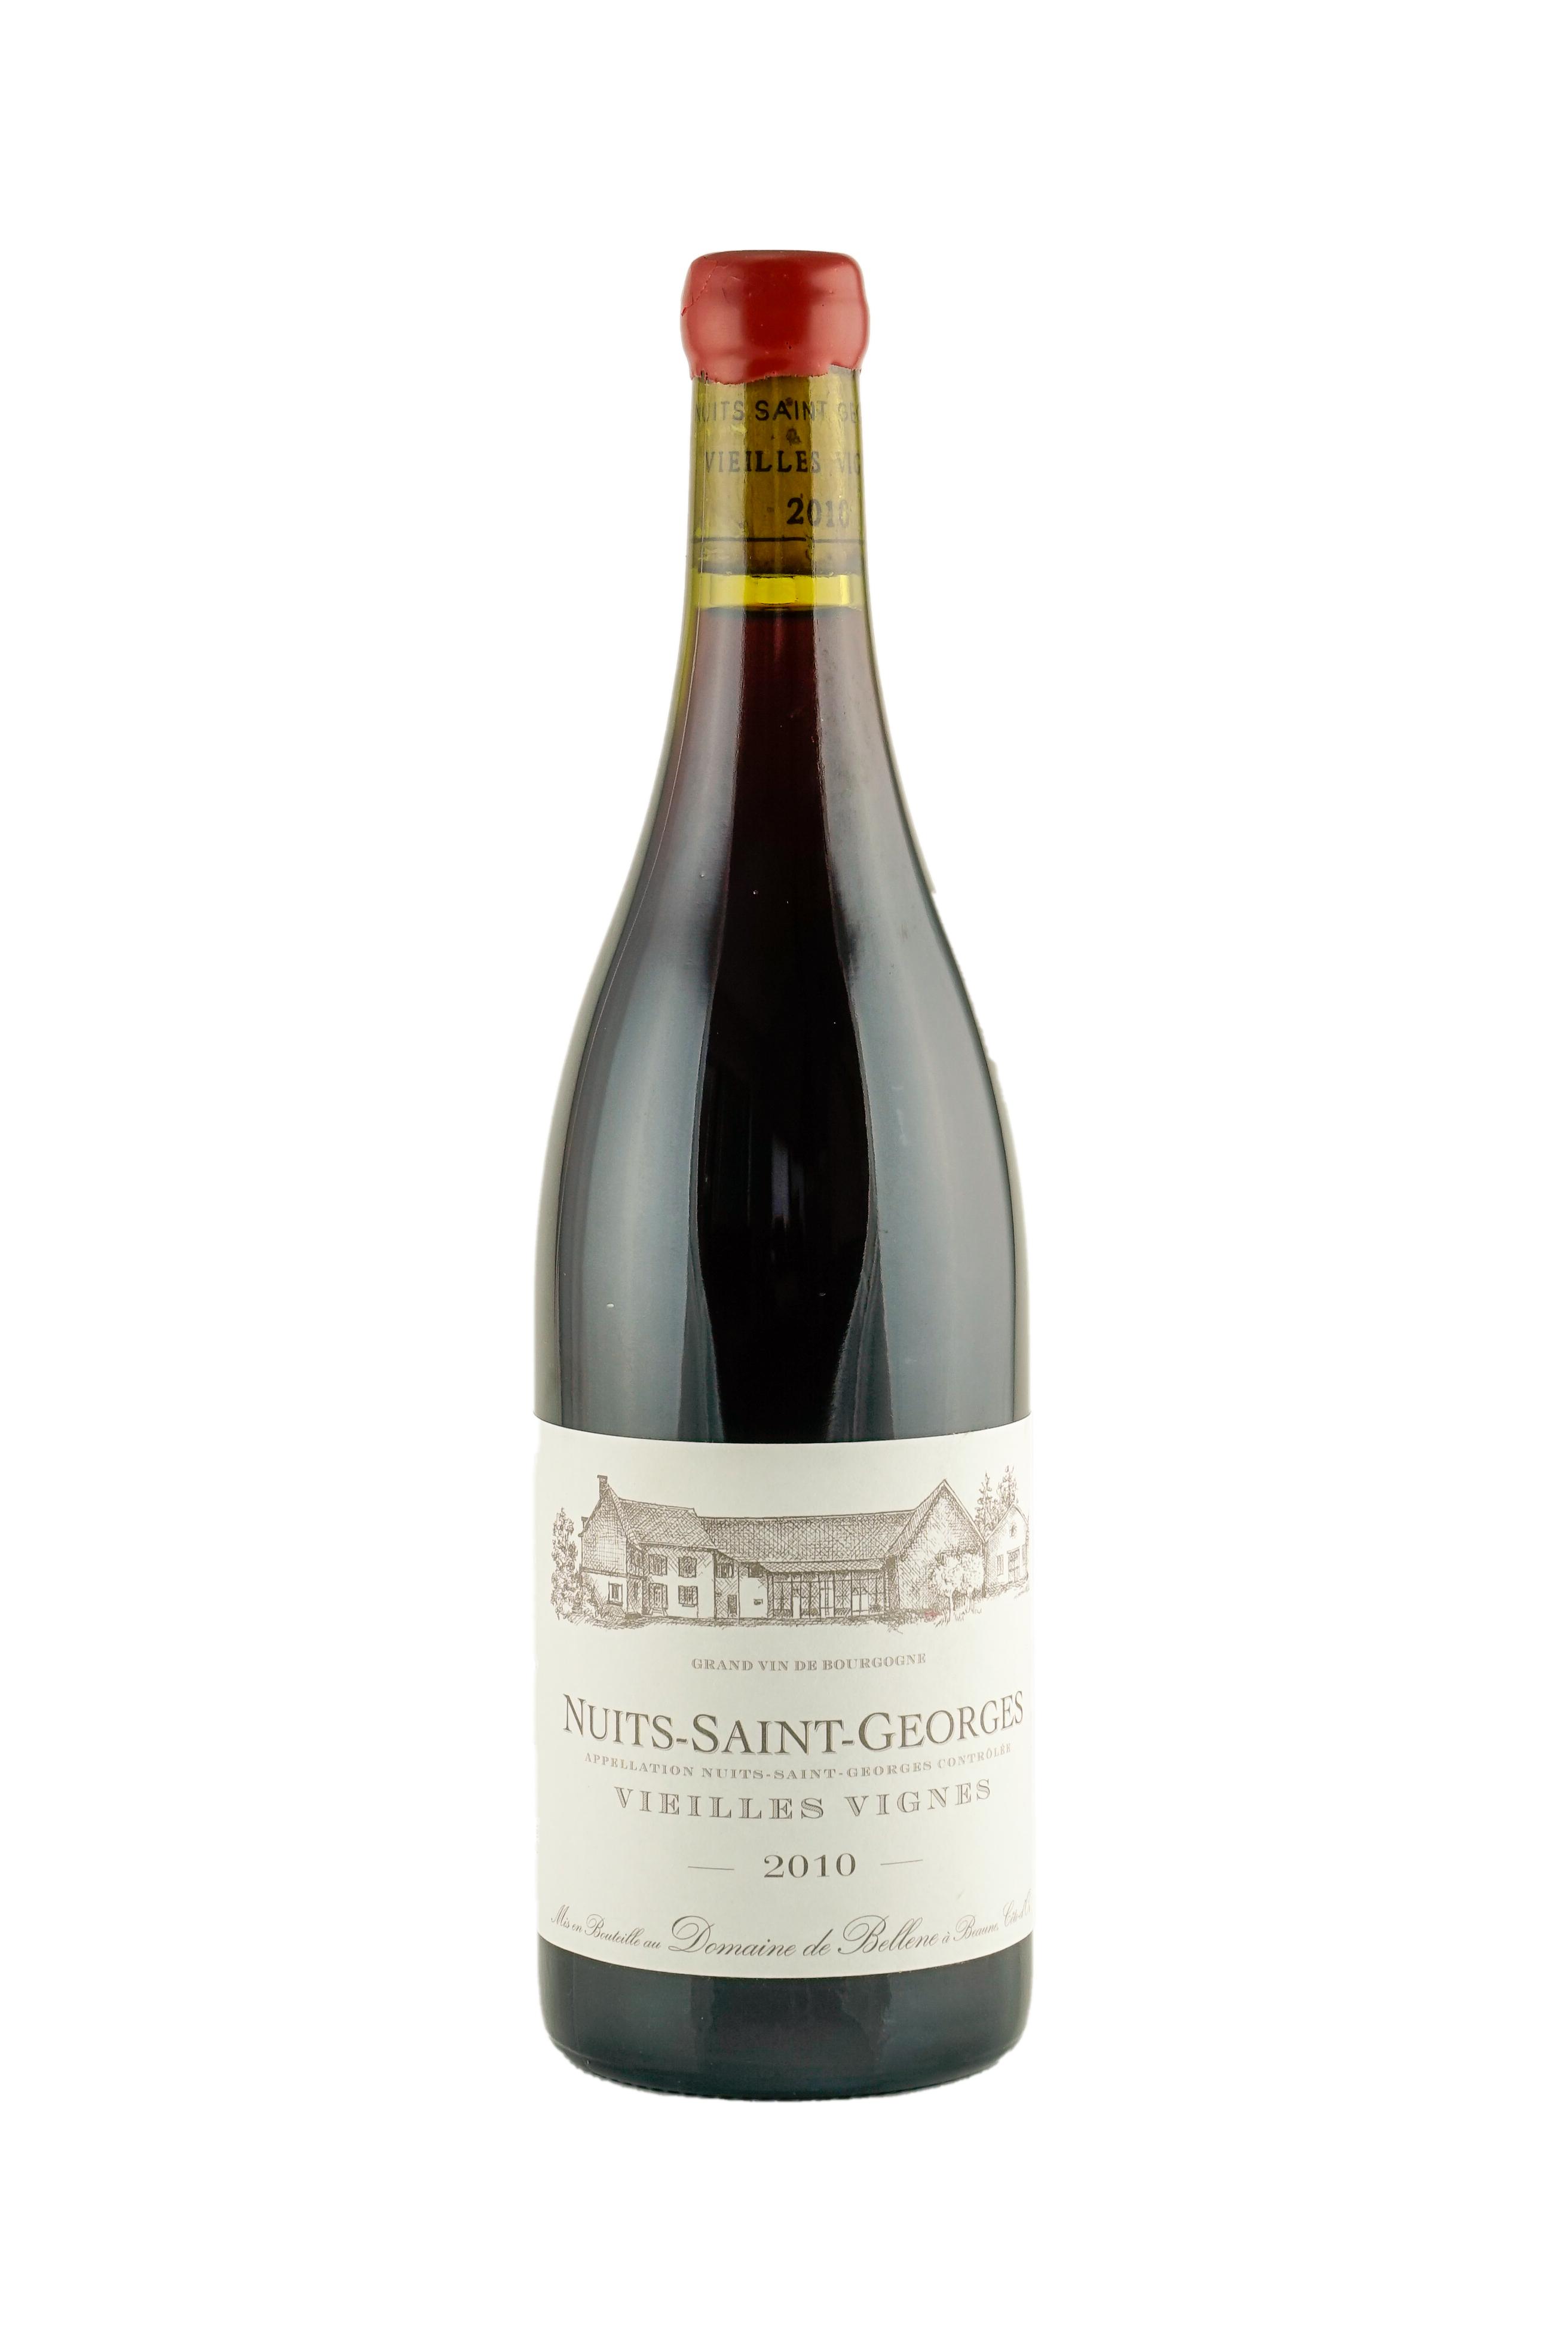 2010 Domaine de Bellene Nuits Saint Georges Vieilles Vignes